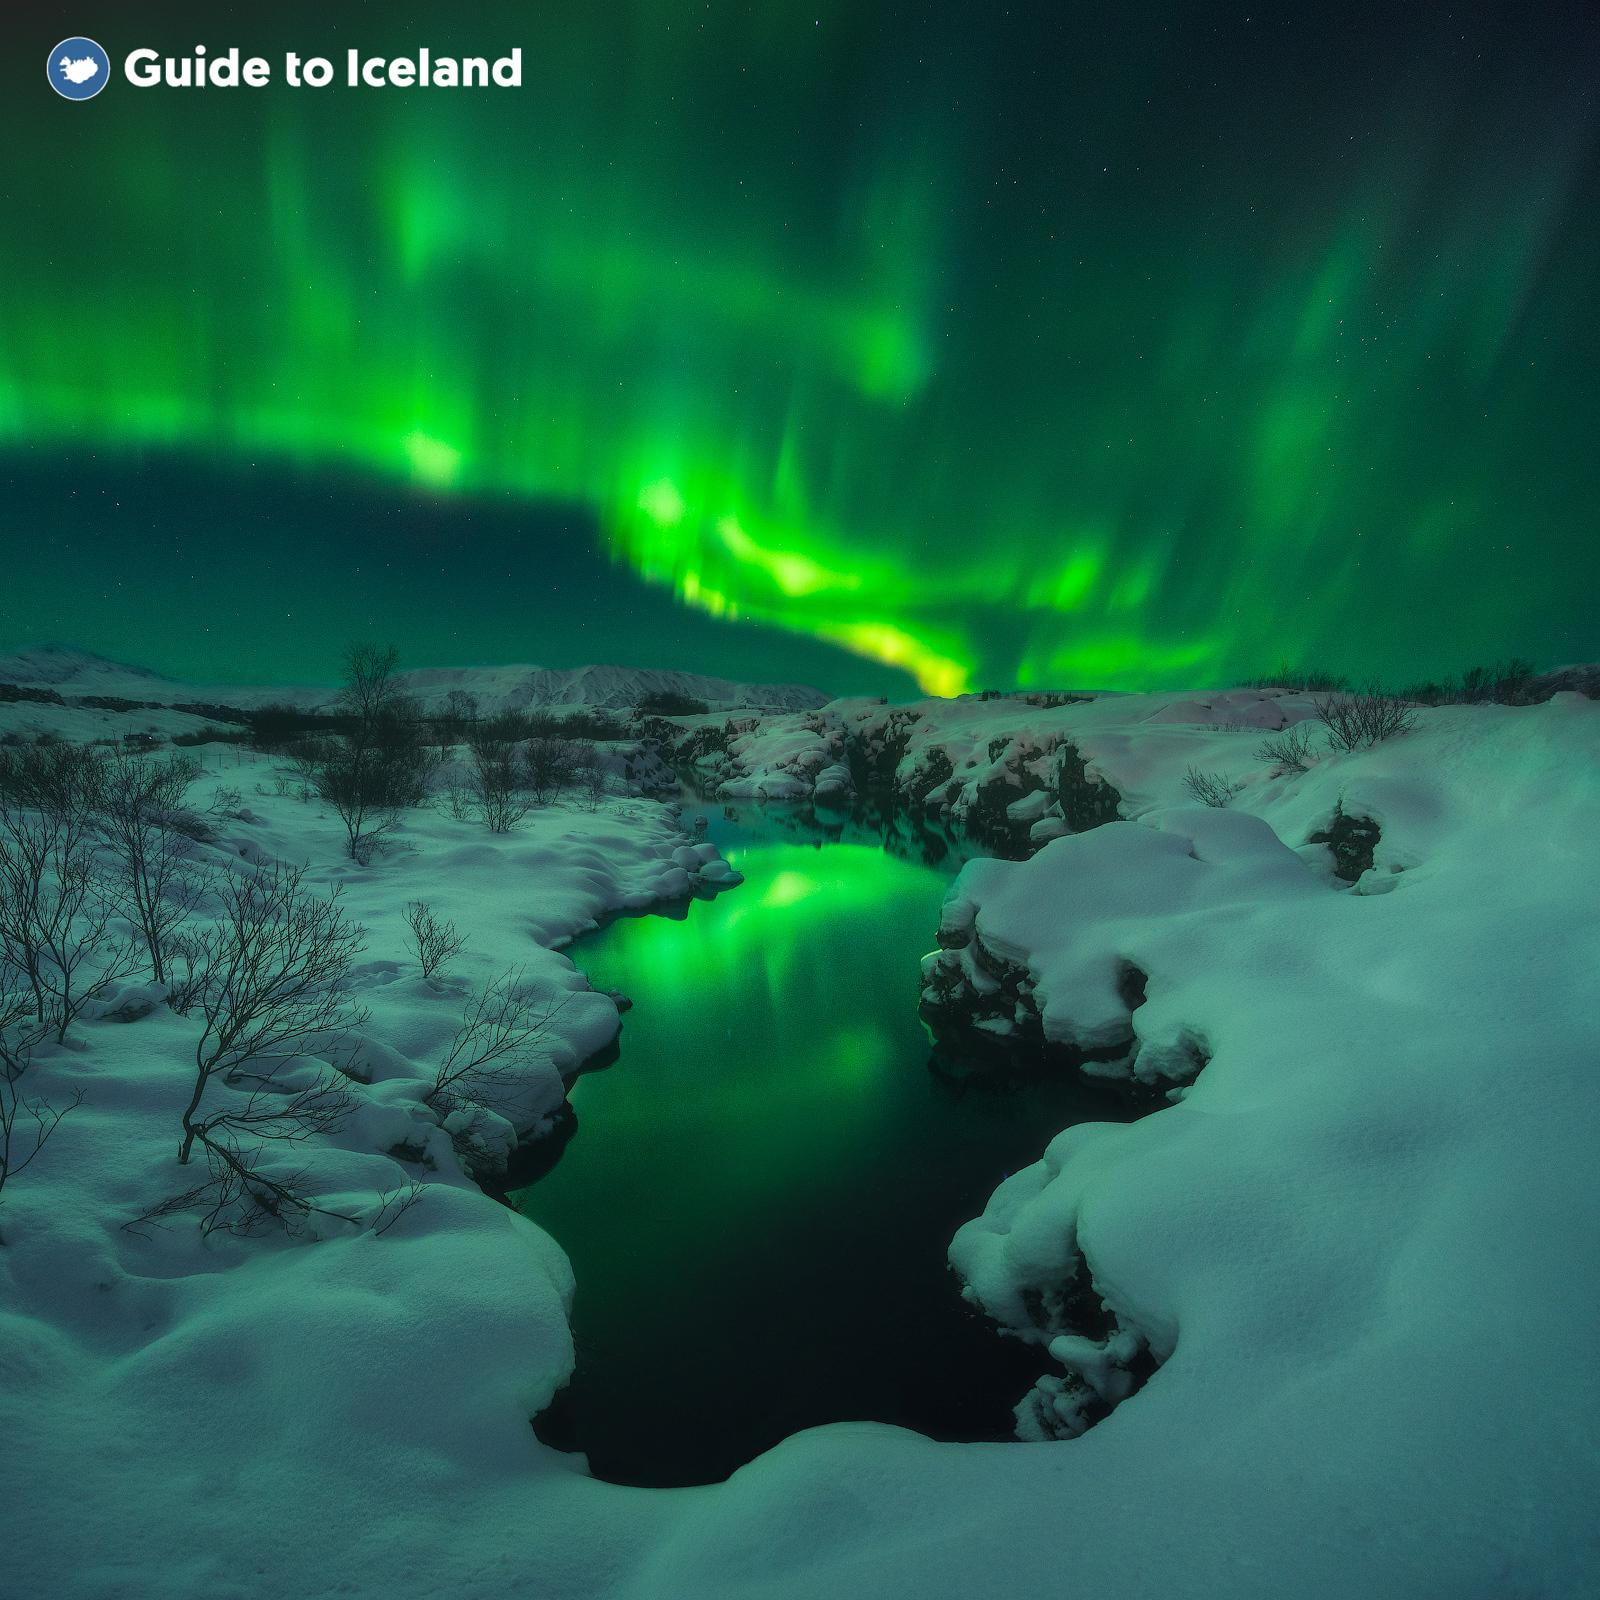 北极光点亮冰岛冬季自然的夜空